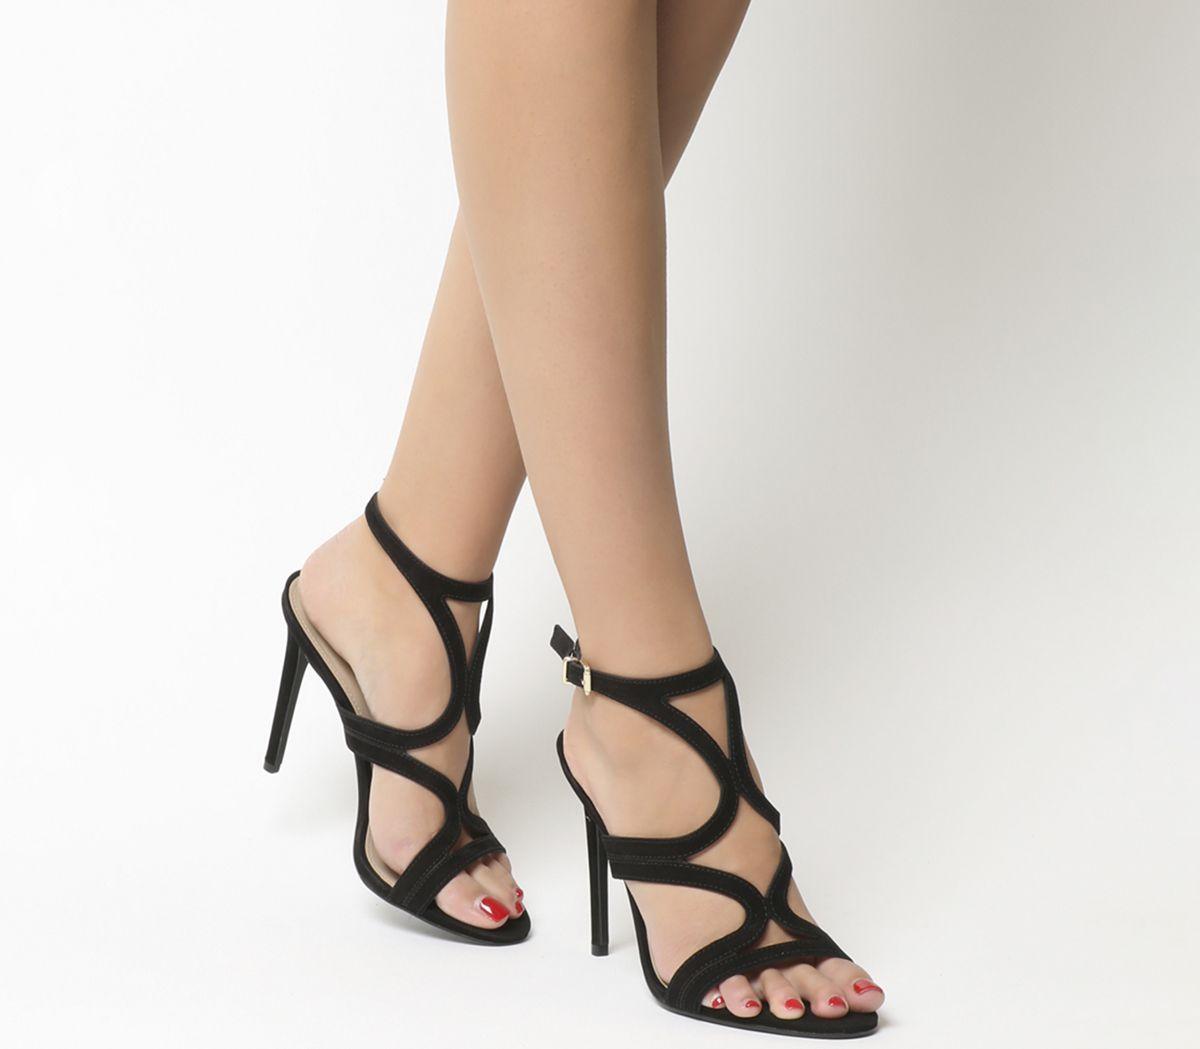 0faae71a825 Office Harrogate Strappy Single Sole Heels Black Nubuck - High Heels